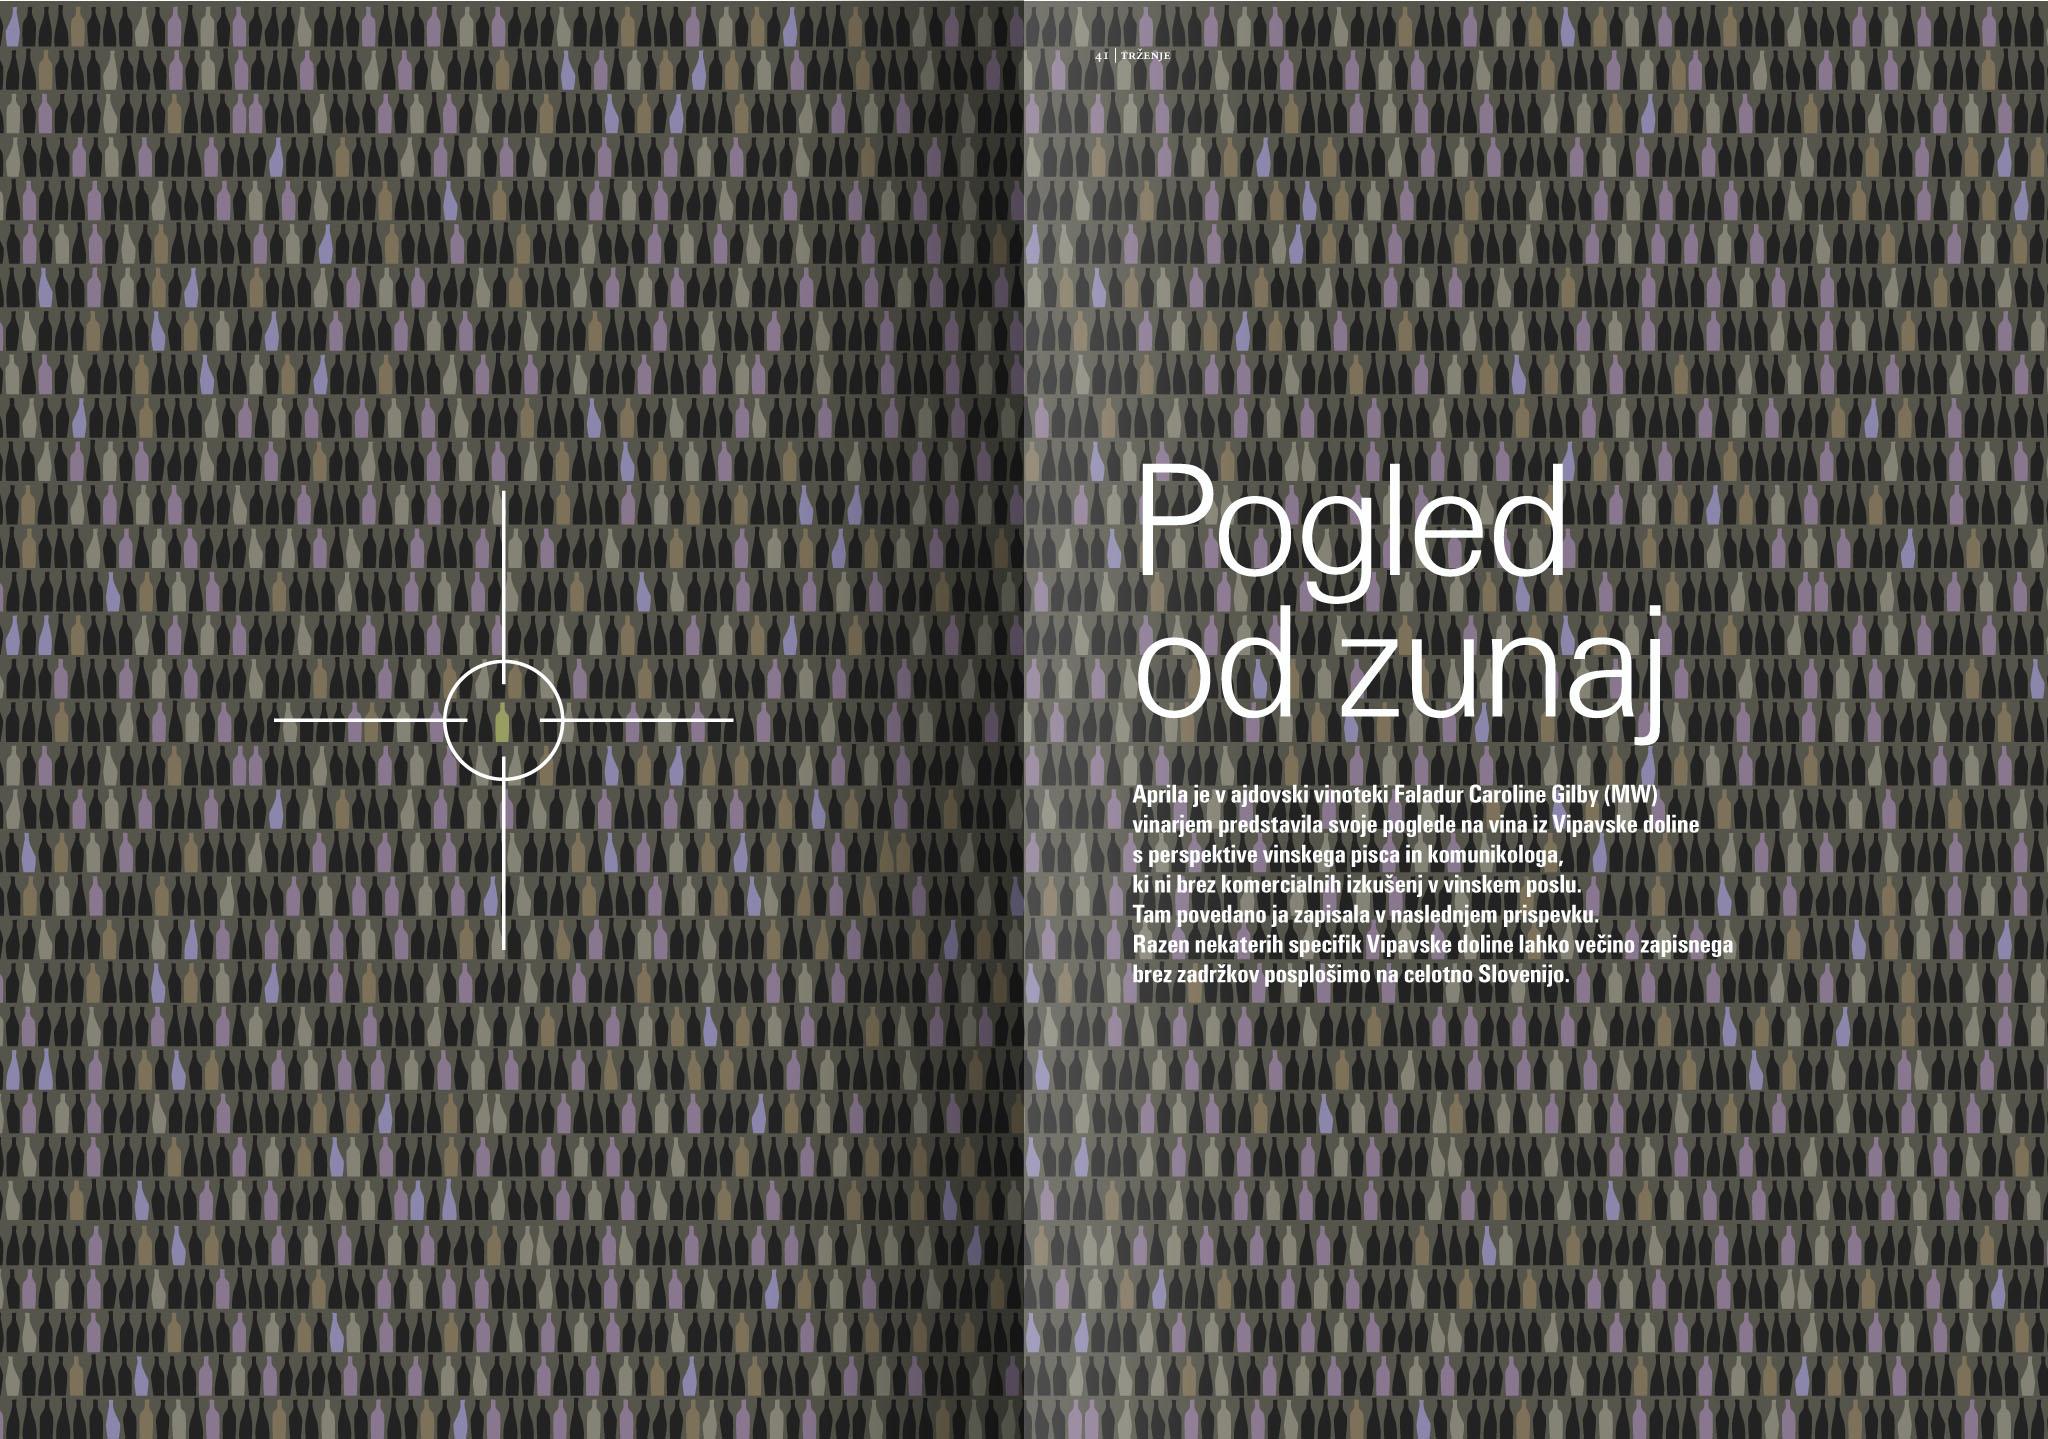 Revija Vino, poletje 2015, strani 40 in 41 - uvodne strani članka Pogled od zunaj · Naročnik: Revija Vino · Ilustracija: Marijan Močivnik · 2015 ·